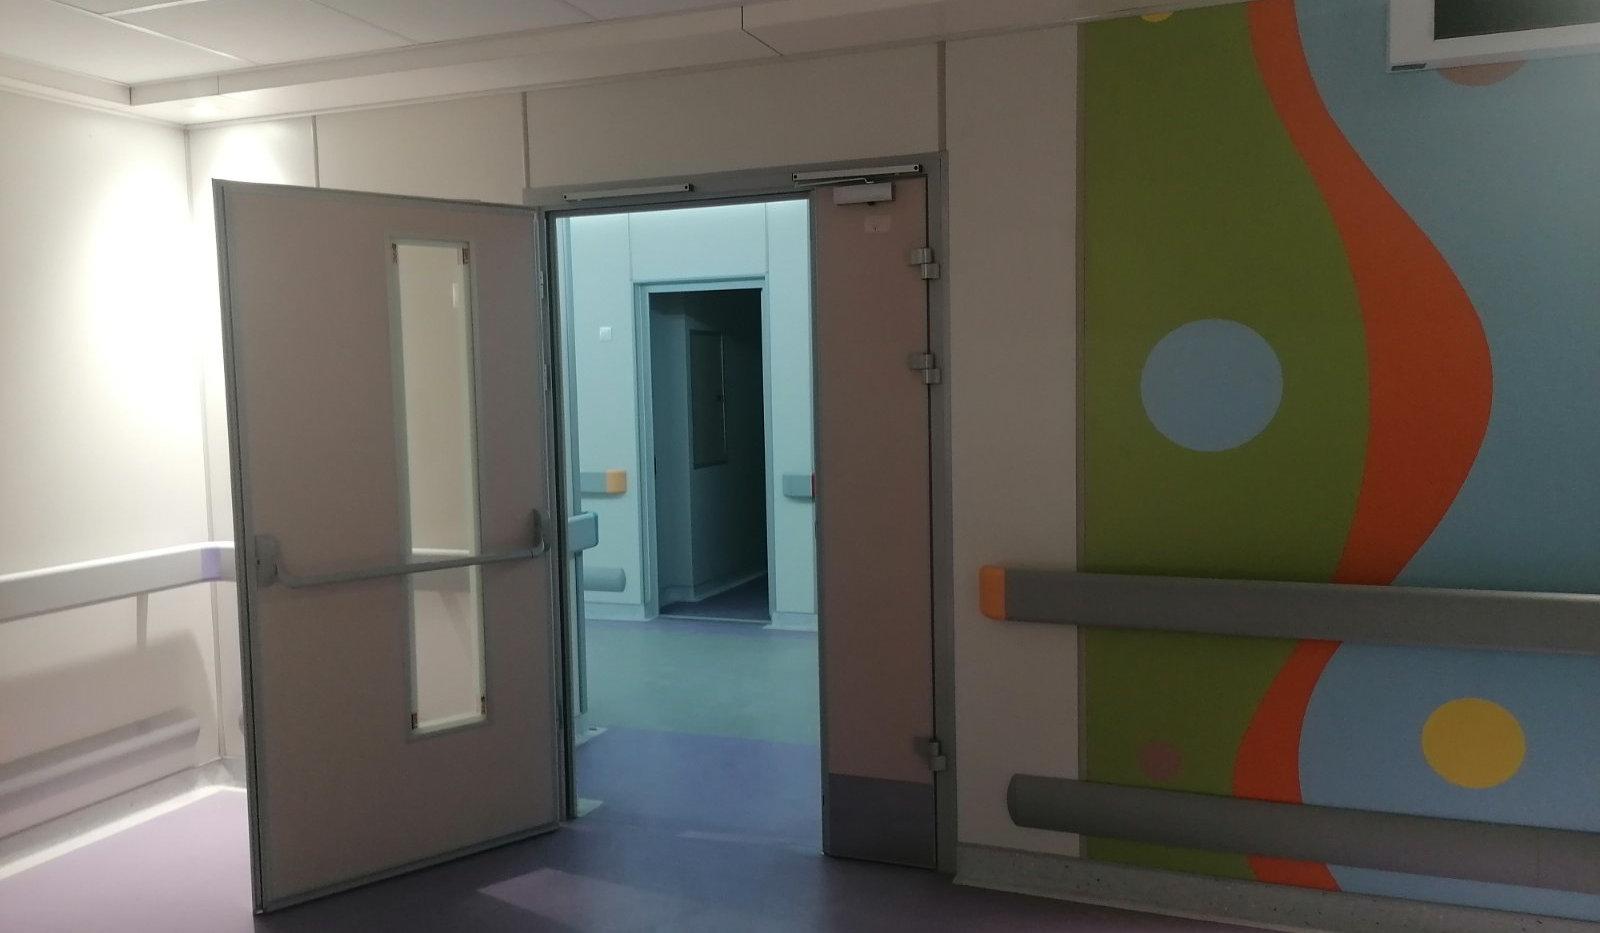 двери противопожарные медицинские 7.jpg